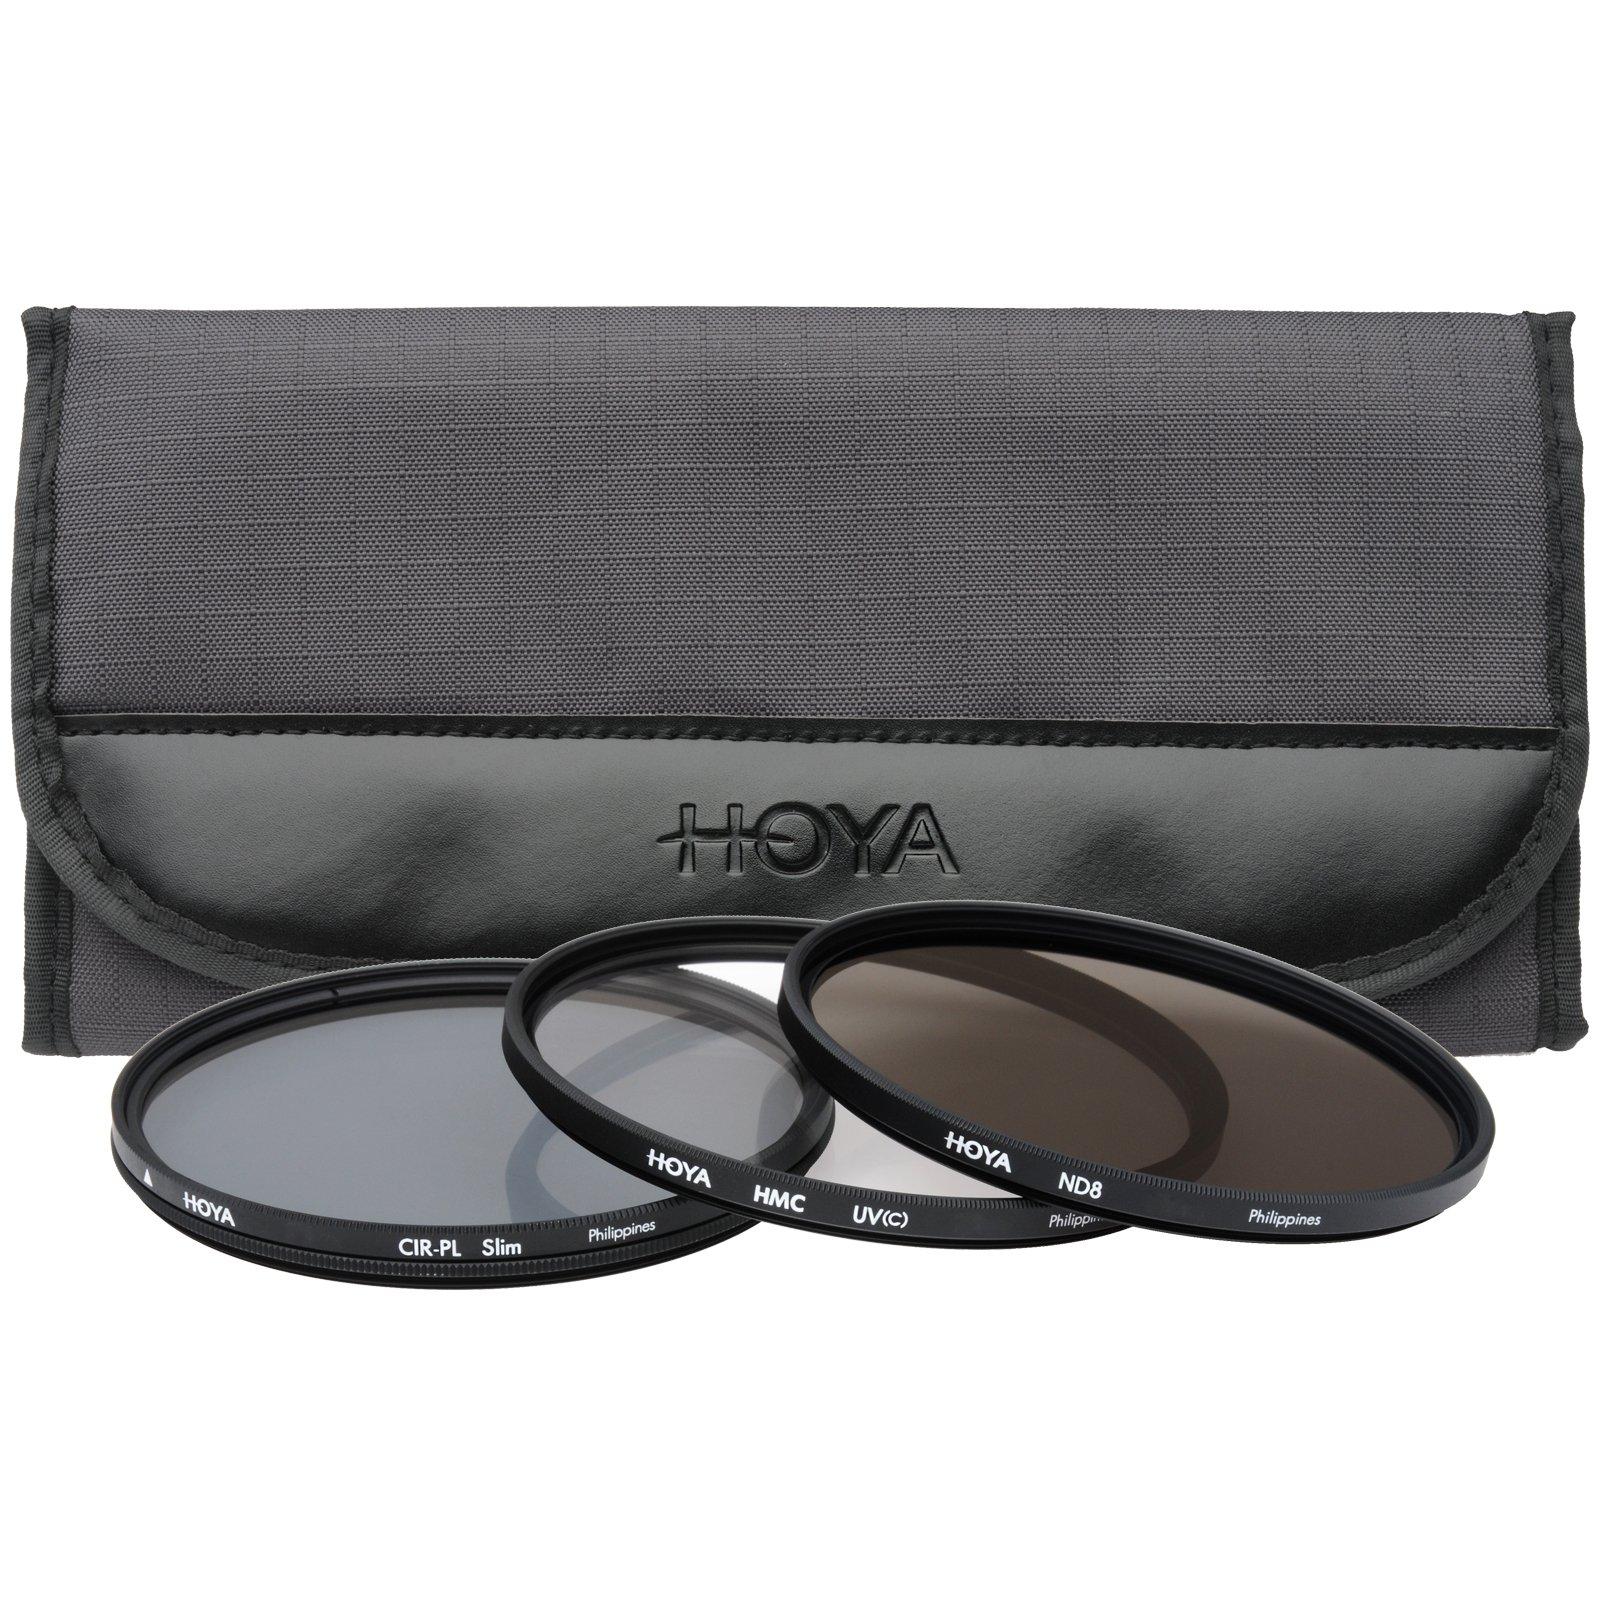 Hoya 82mm II (HMC UV/Circular Polarizer / ND8) 3 Digital Filter Set with Pouch